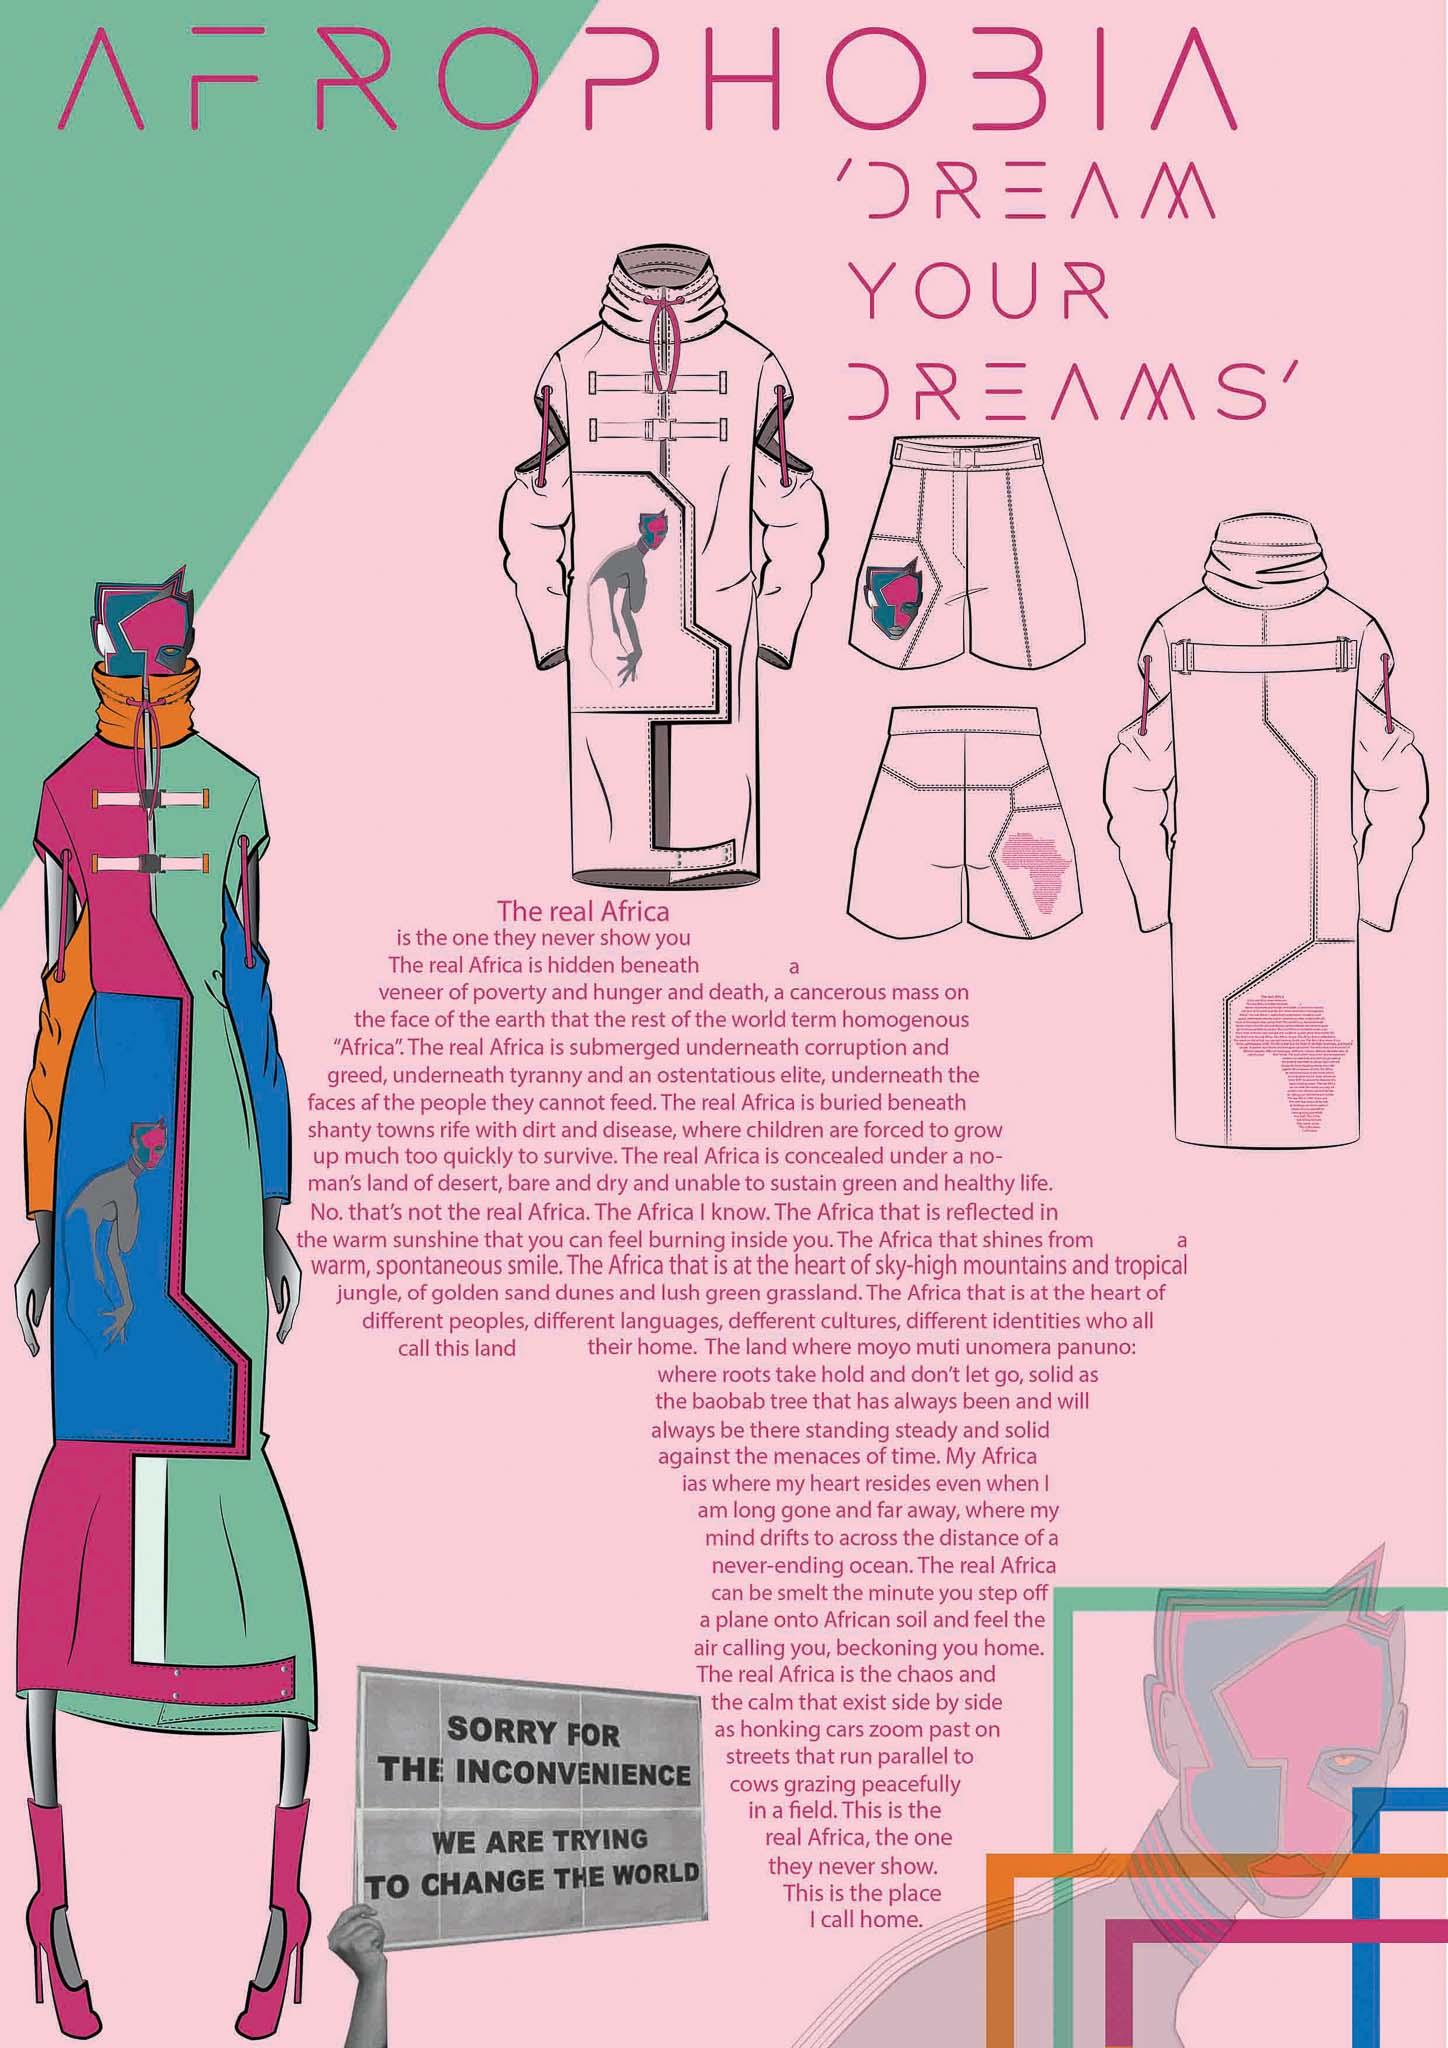 Afrophobia: Quesheka Kwanga, Südafrika, Student, Design